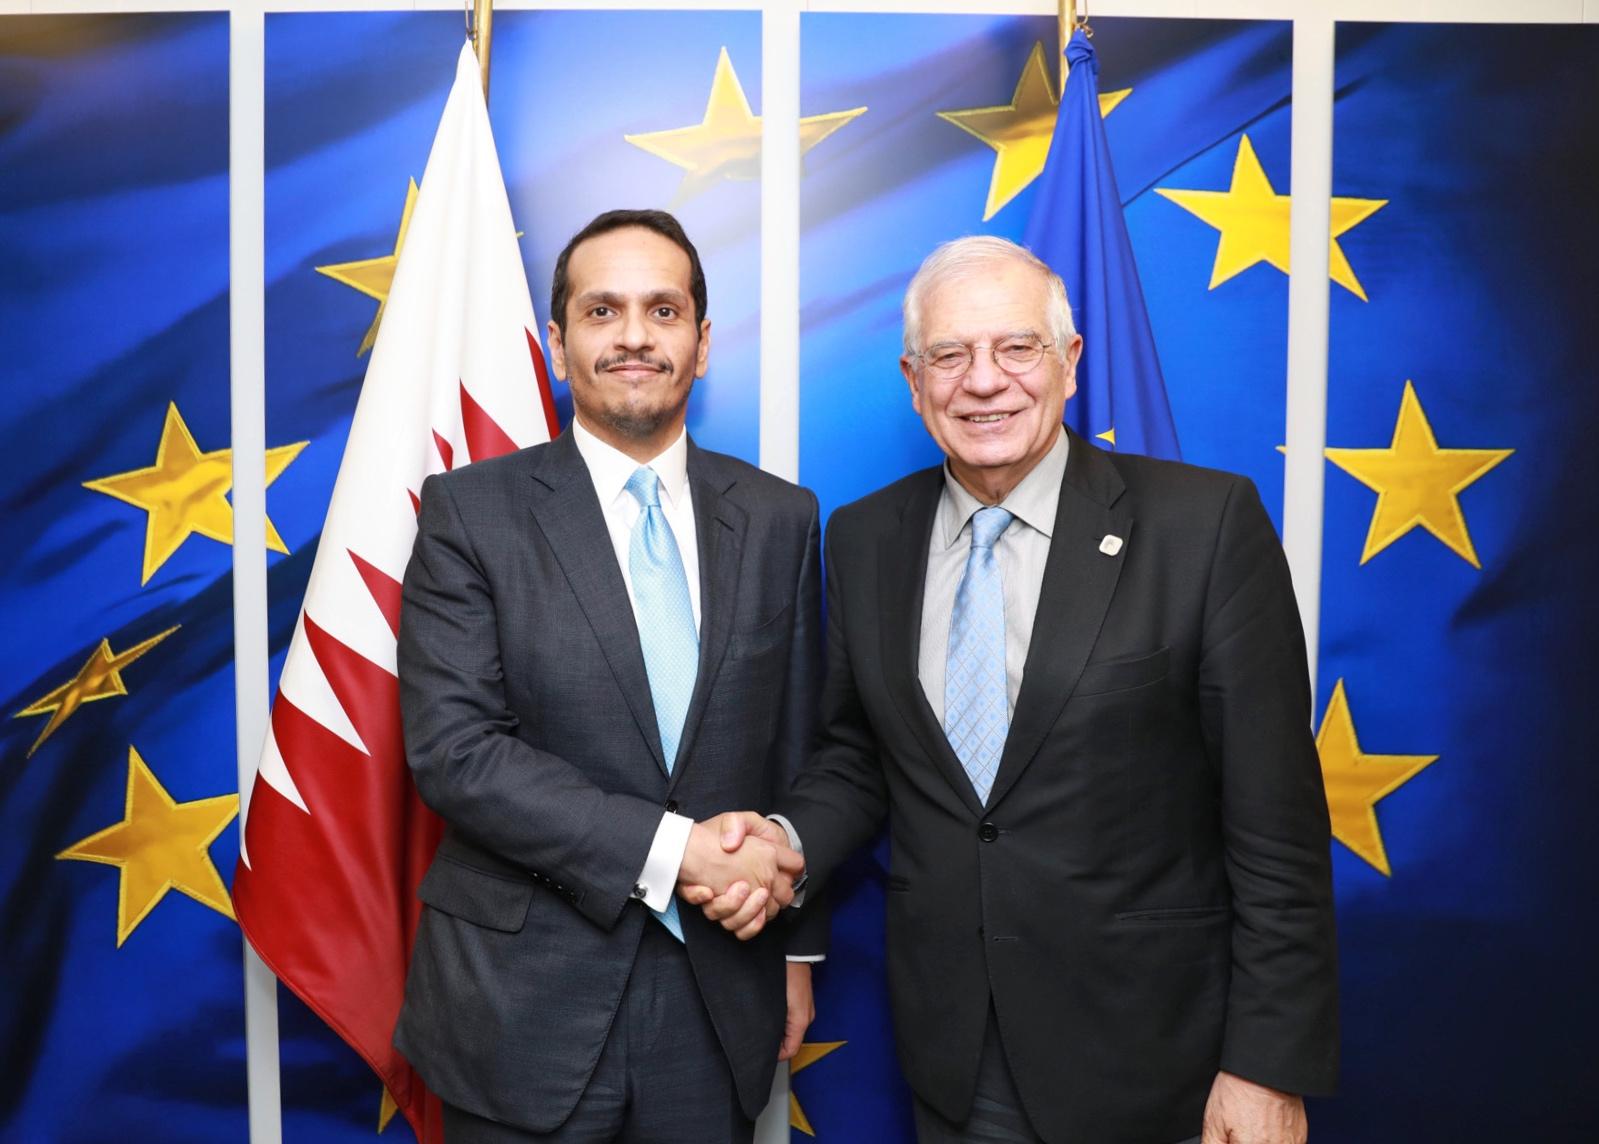 نائب رئيس مجلس الوزراء وزير الخارجية يجتمع مع الممثل الأعلى للاتحاد الأوروبي للشؤون الخارجية